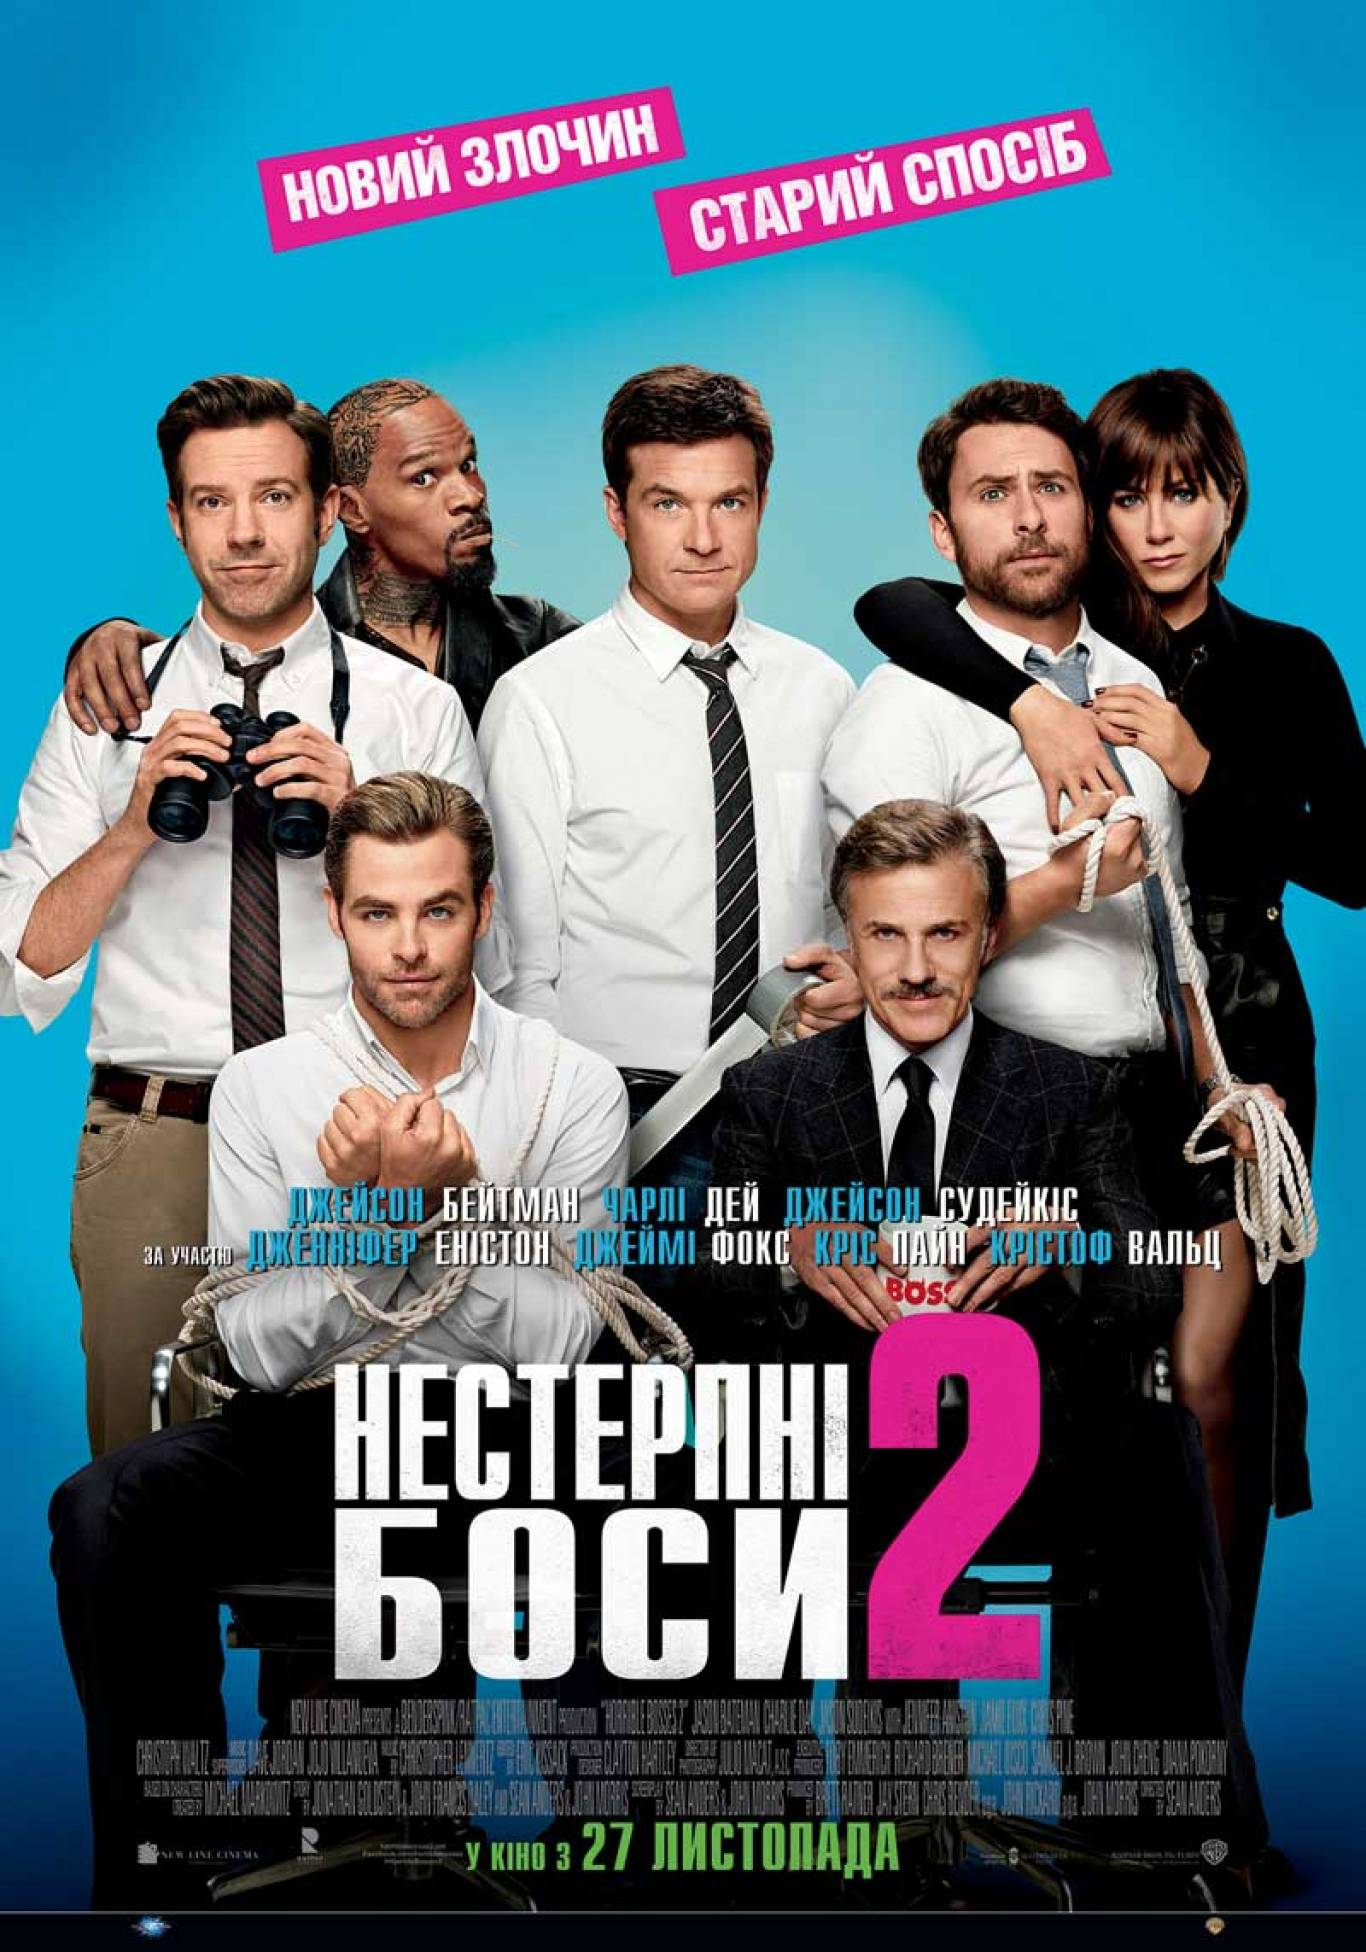 Прем'єра комедії «Нестерпні боси 2»